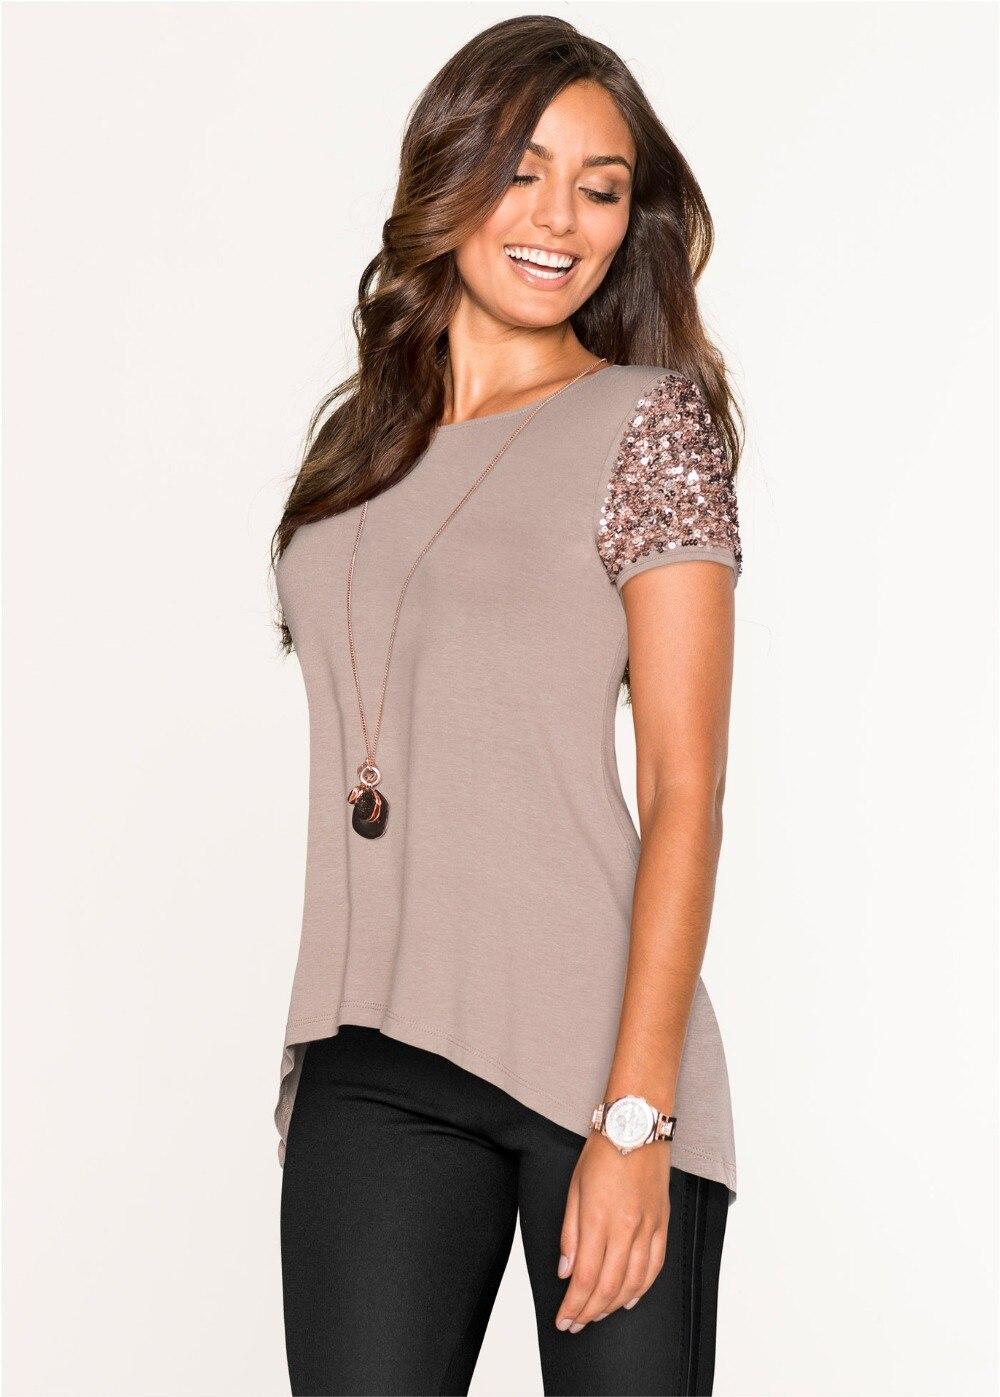 Fuori il lato di Stampa Delle Donne maglietta di Cotone Casual Divertente t shirt Per La Signora Della Ragazza Top Tee Hipster1